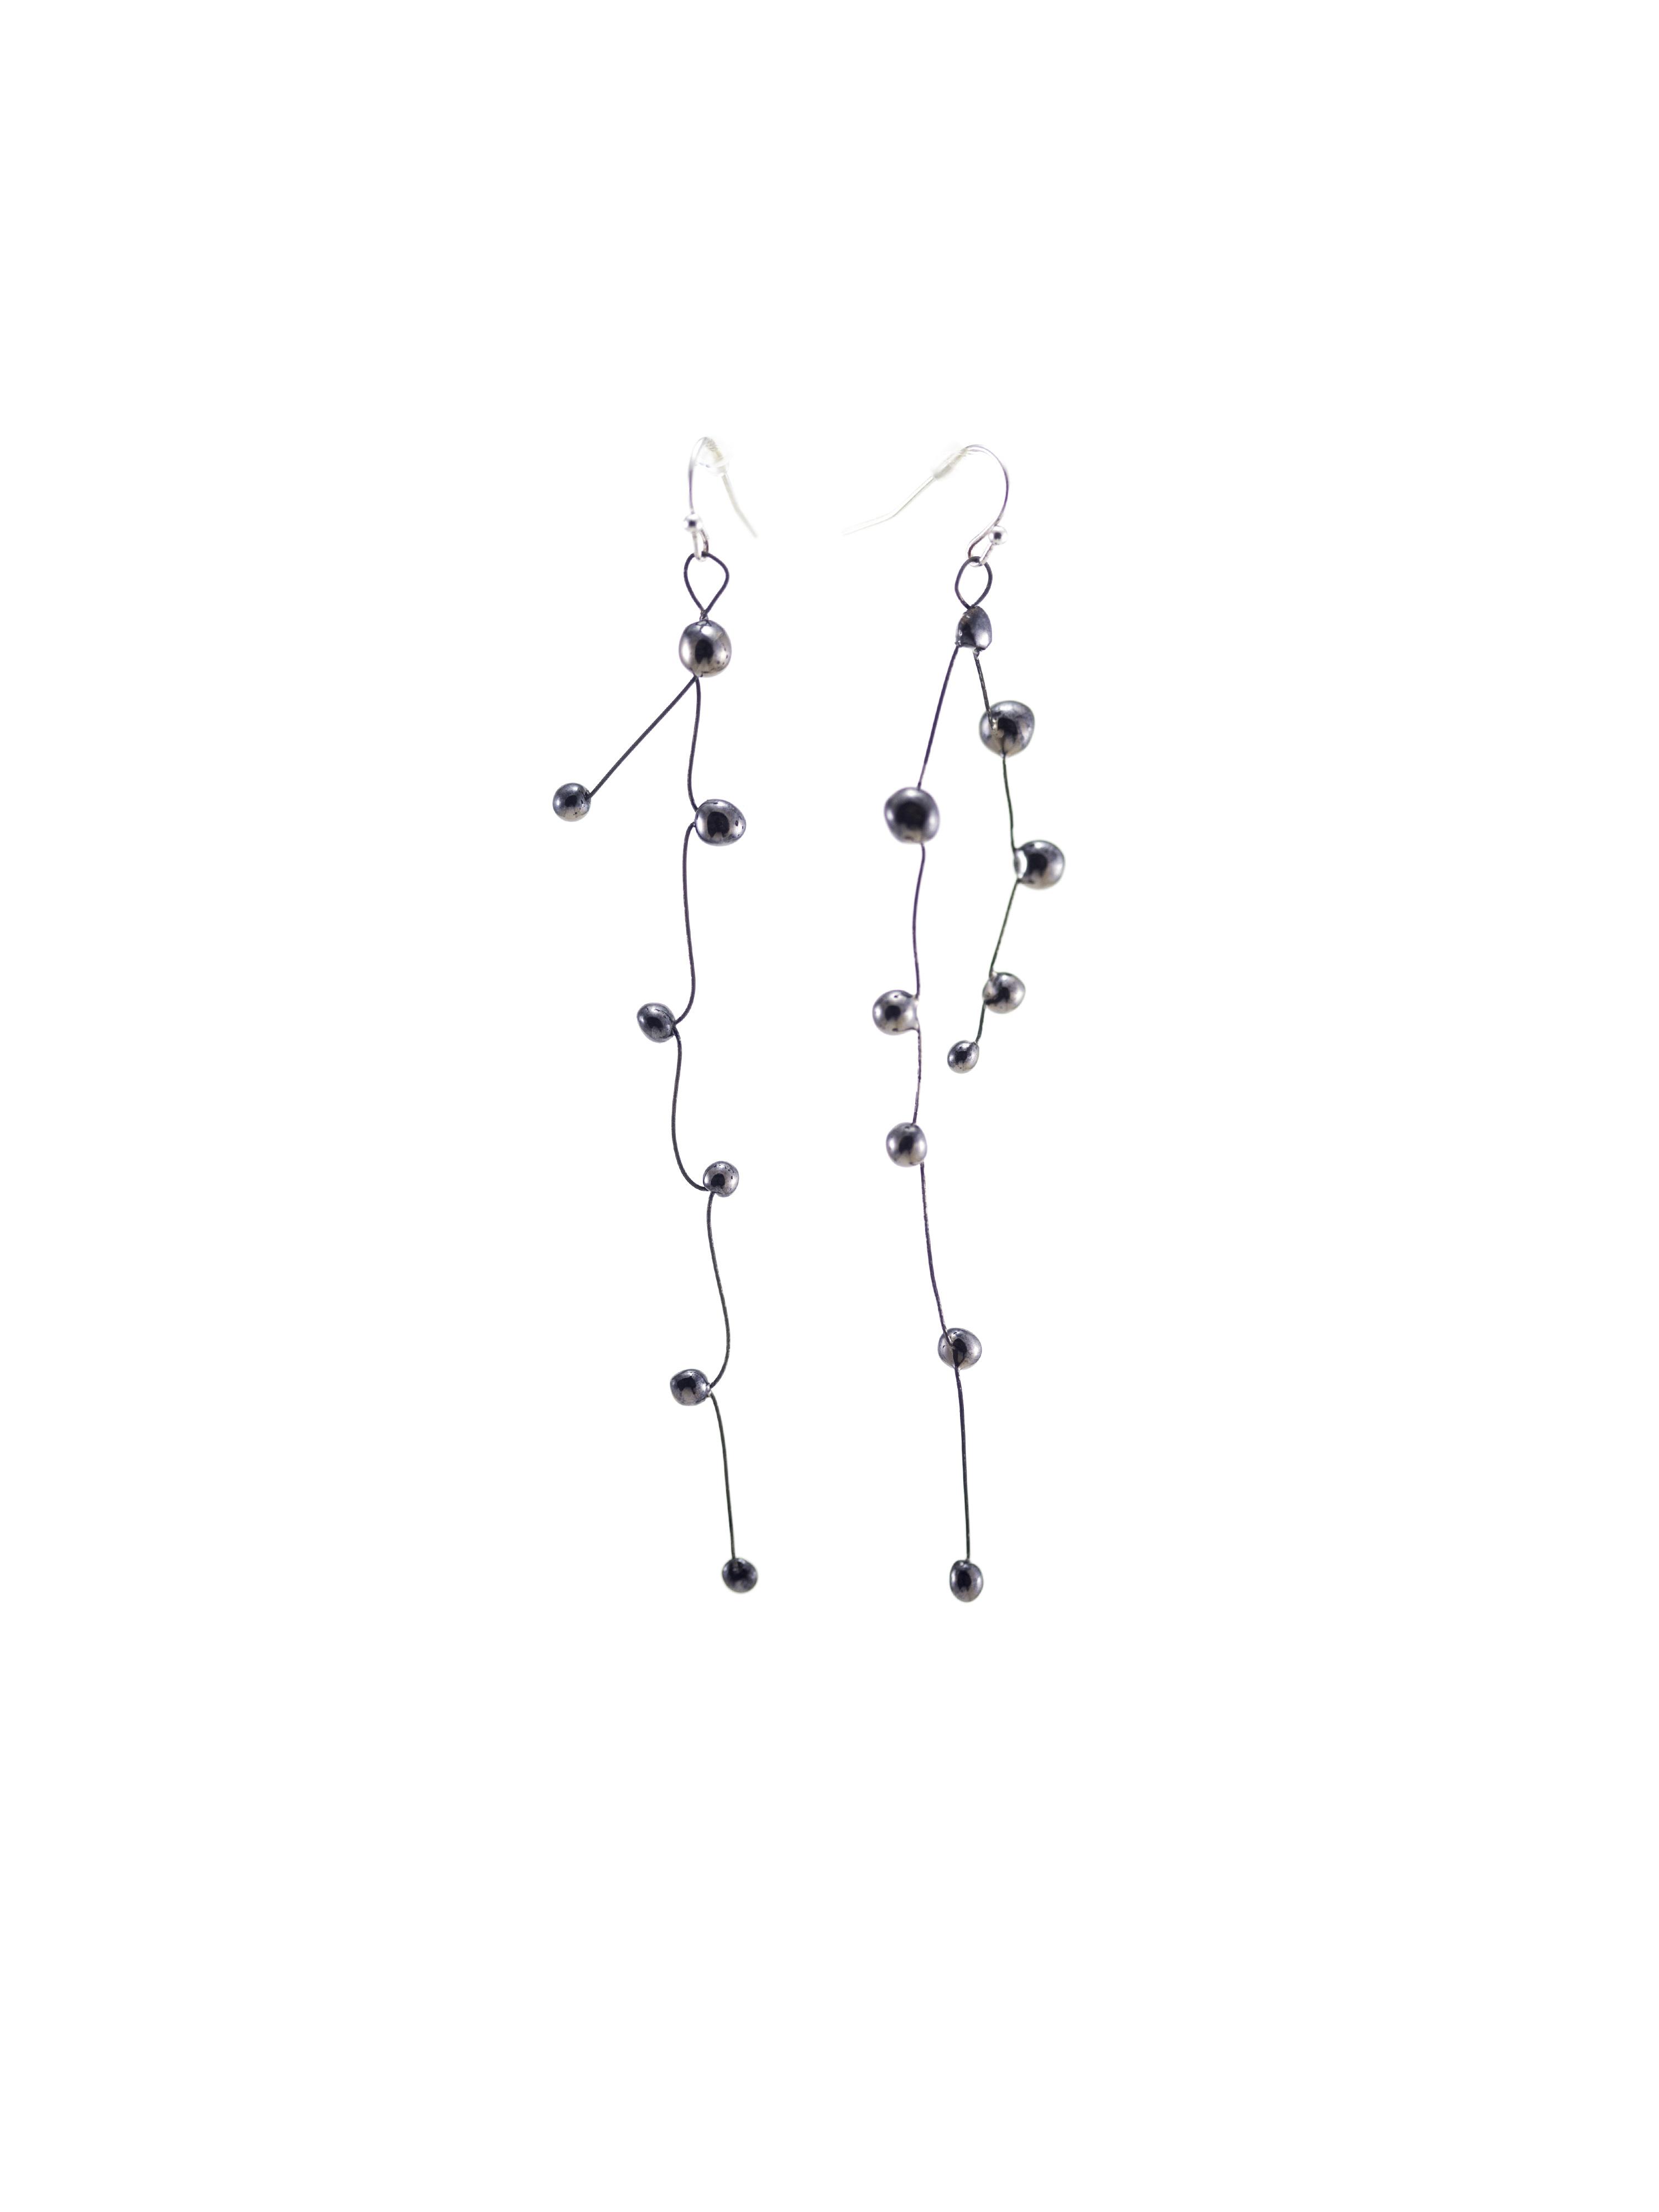 Immagine di orecchini pendenti in ceramica e metallo, colore nero su sfondo bianco.